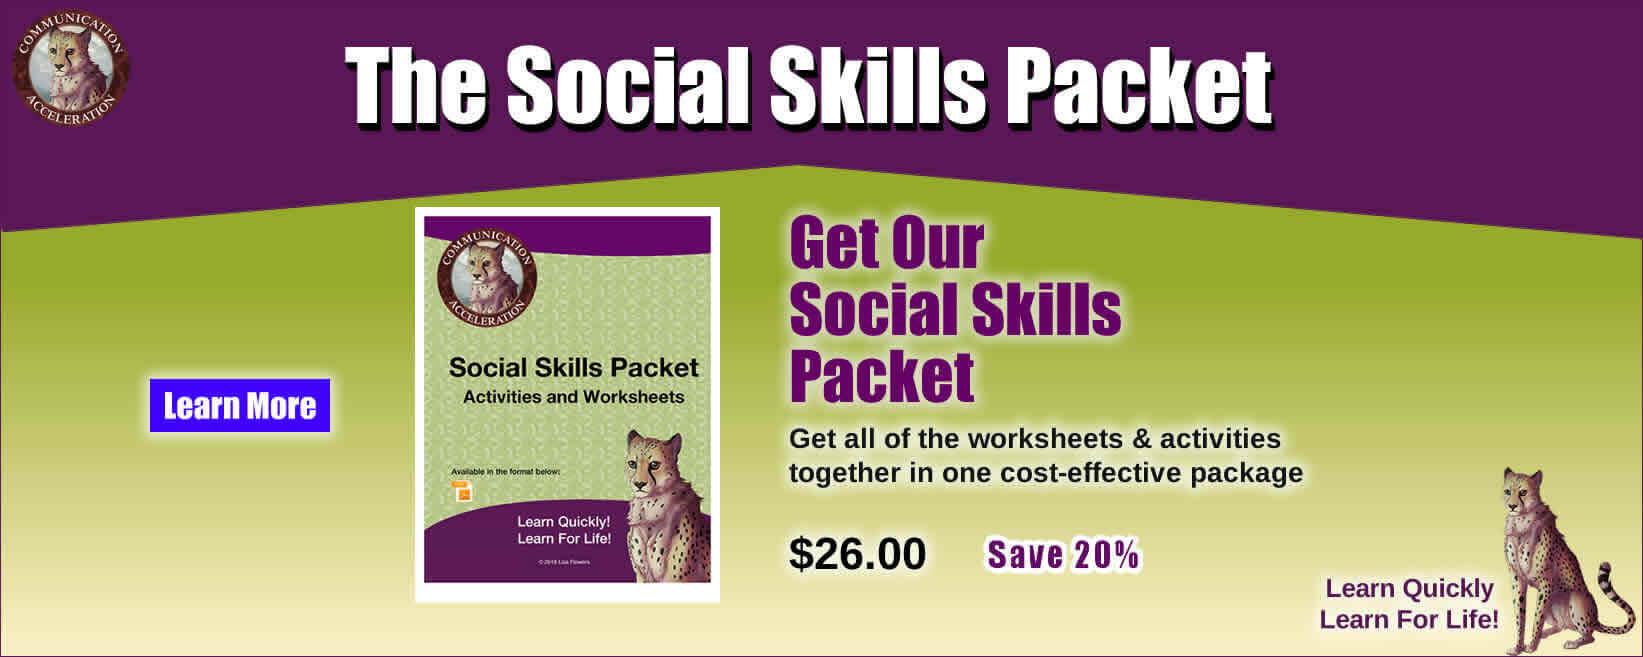 Social Skills Packet